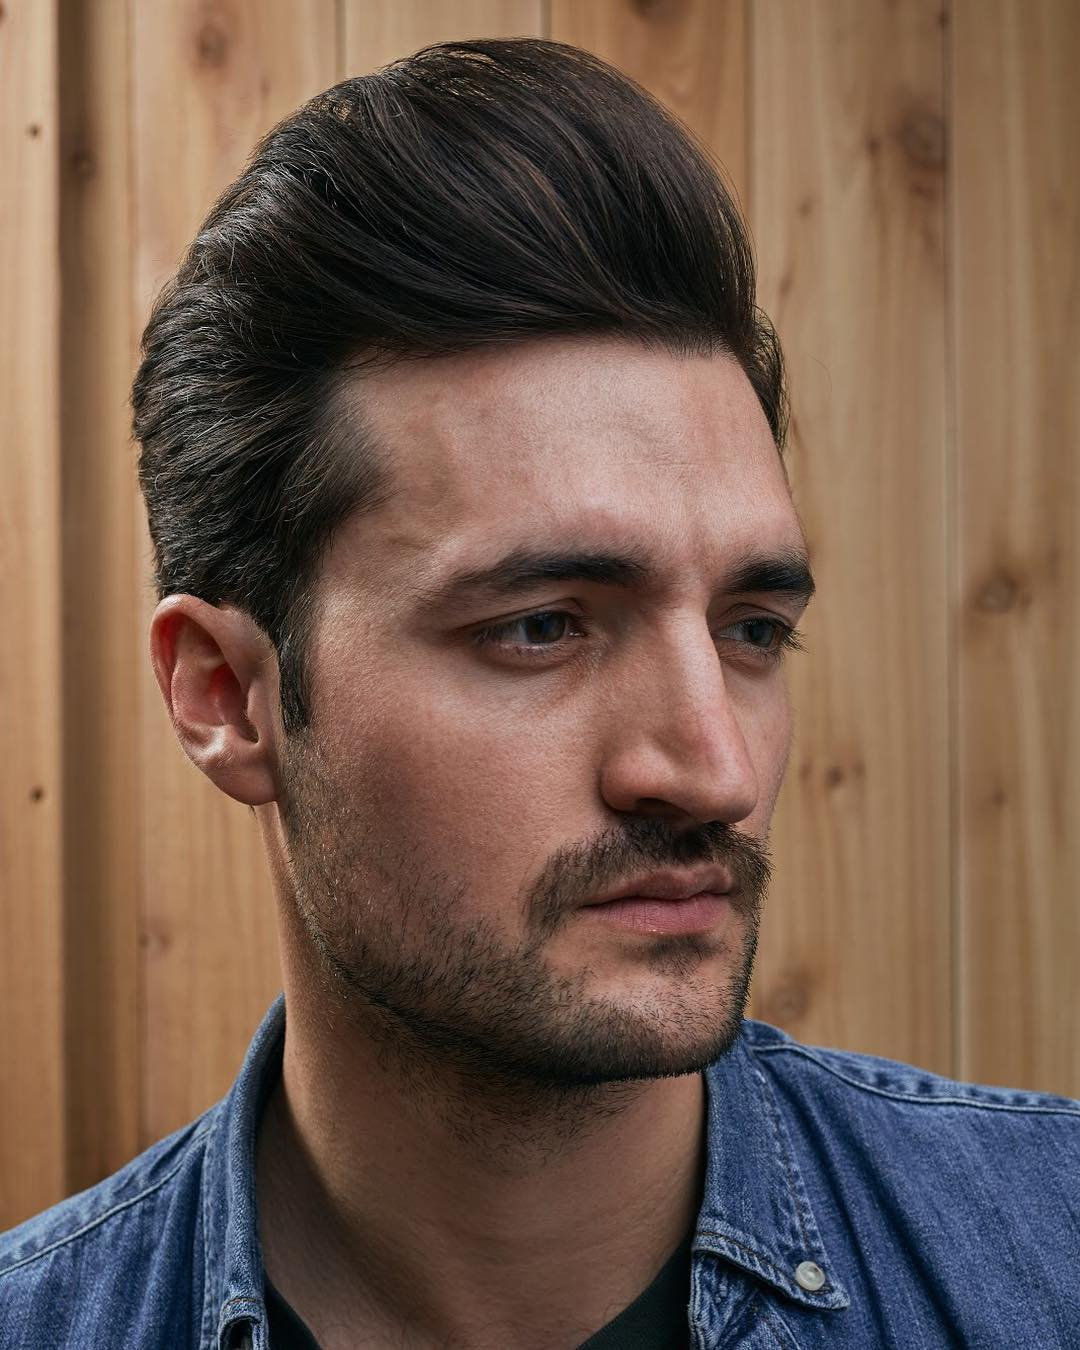 twobitsbarber latest cool elvis pomp 2018 pompadour haircut